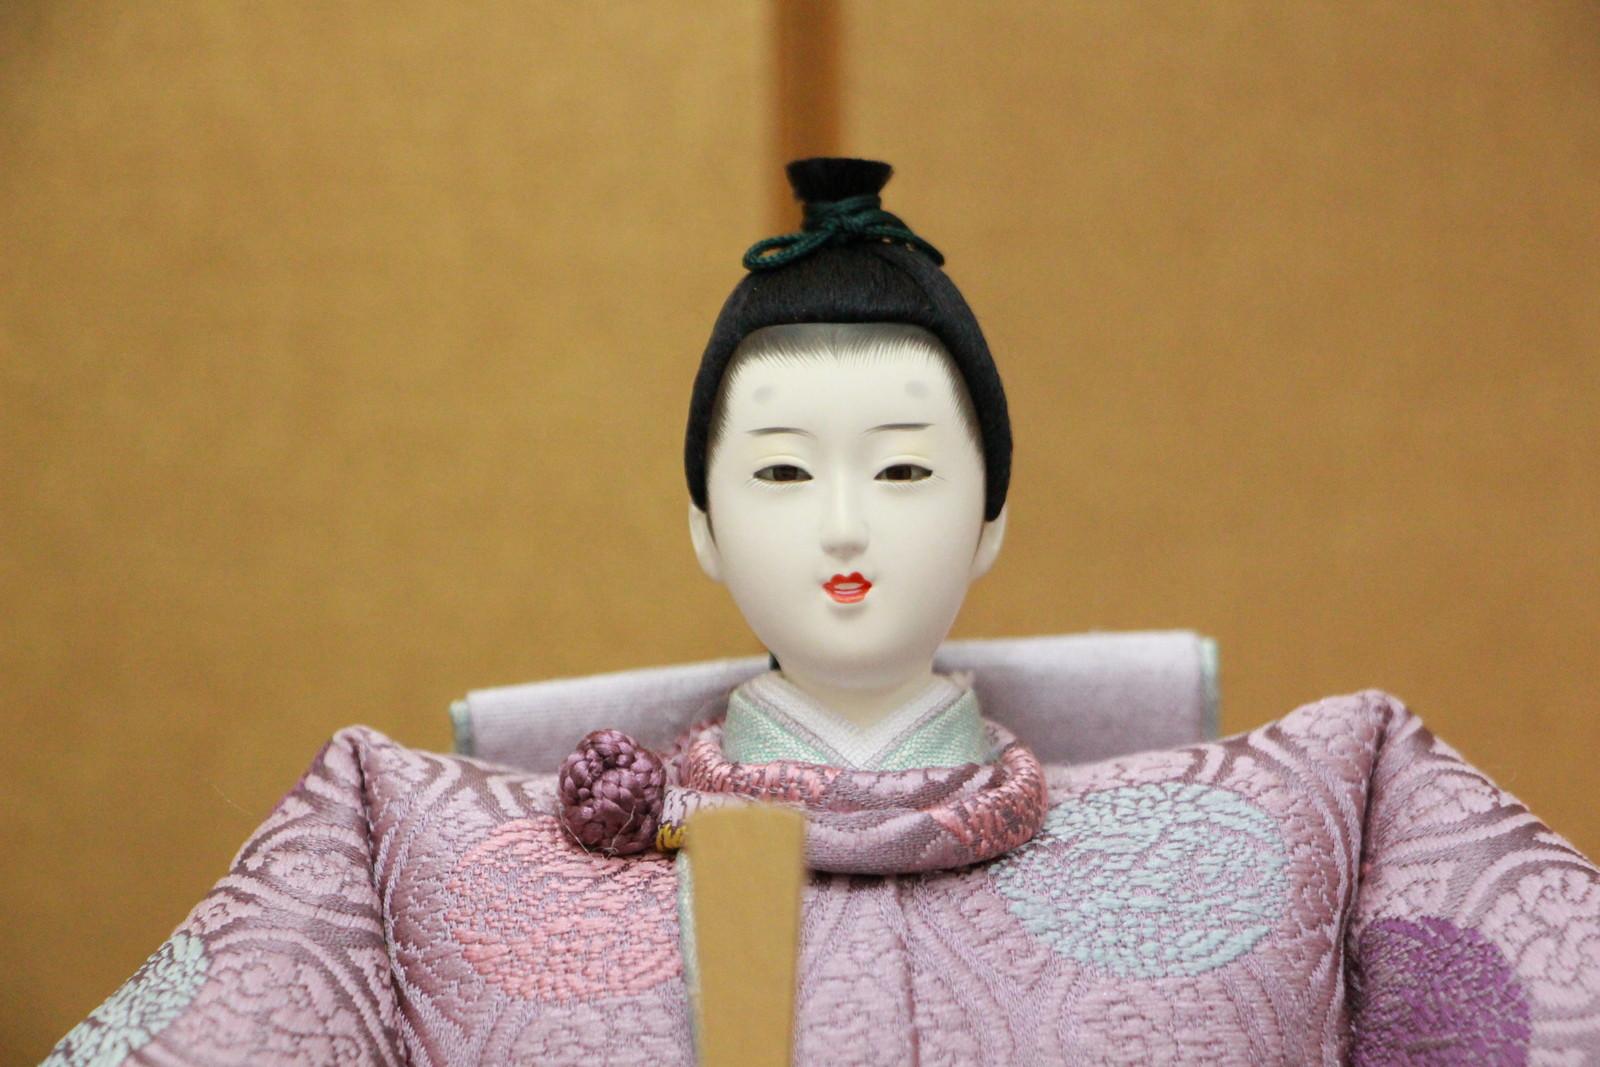 アート&デザイン後藤由香子作春創作雛人形平飾り【雛人形親王飾り】入荷次第の発送です。